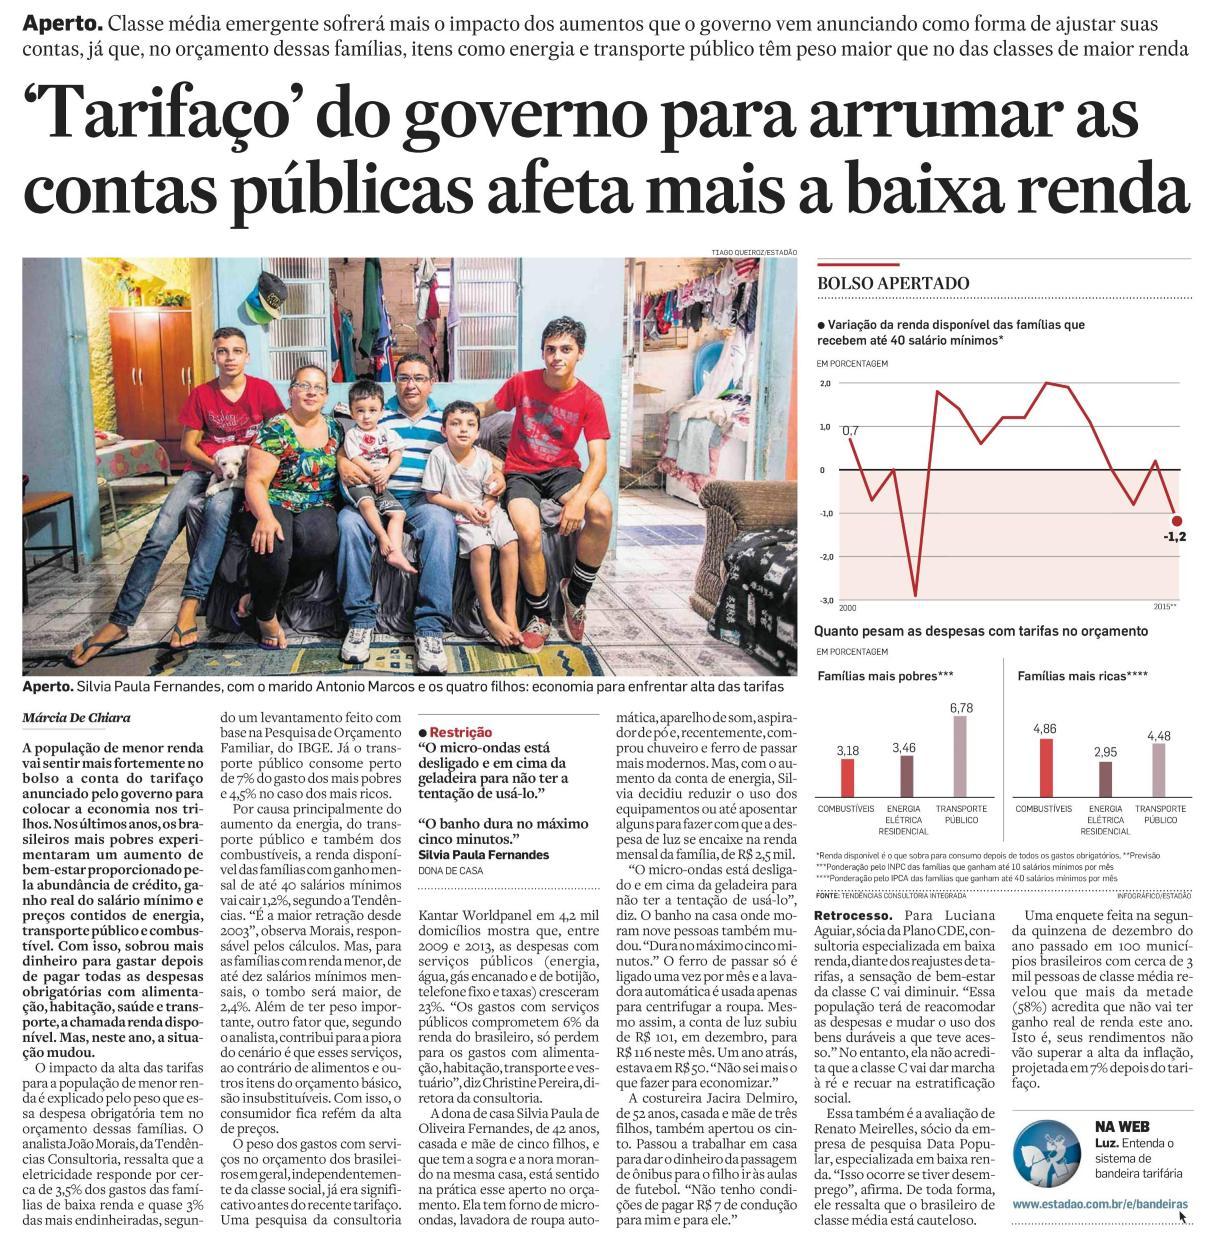 Brasileiros cortam luxo devido a orçamento apertado 02f0f77d5c7d9